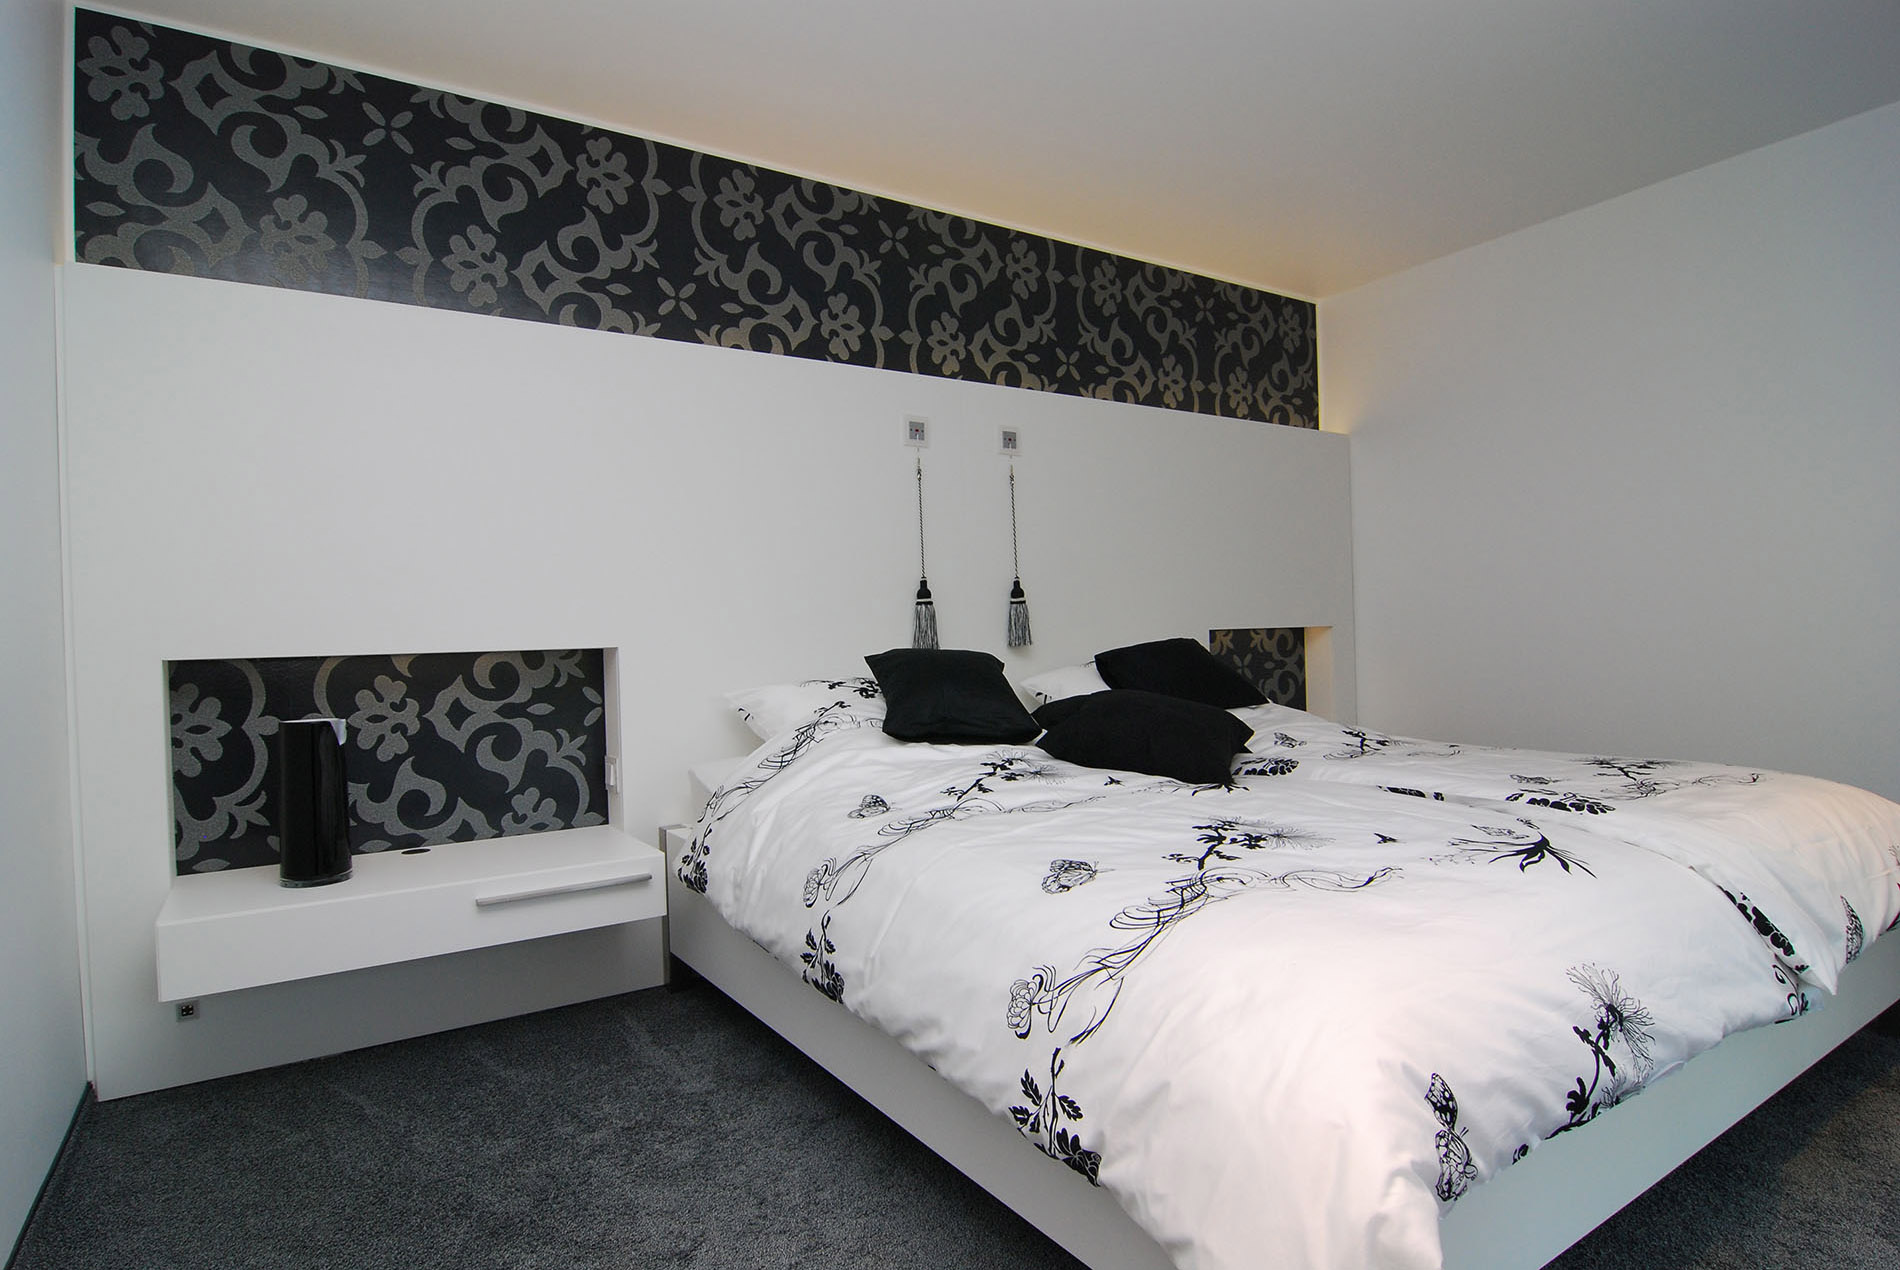 Schlafzimmer mit schrankwand sch pker holz wohn form gmbh - Schrankwand schlafzimmer ...